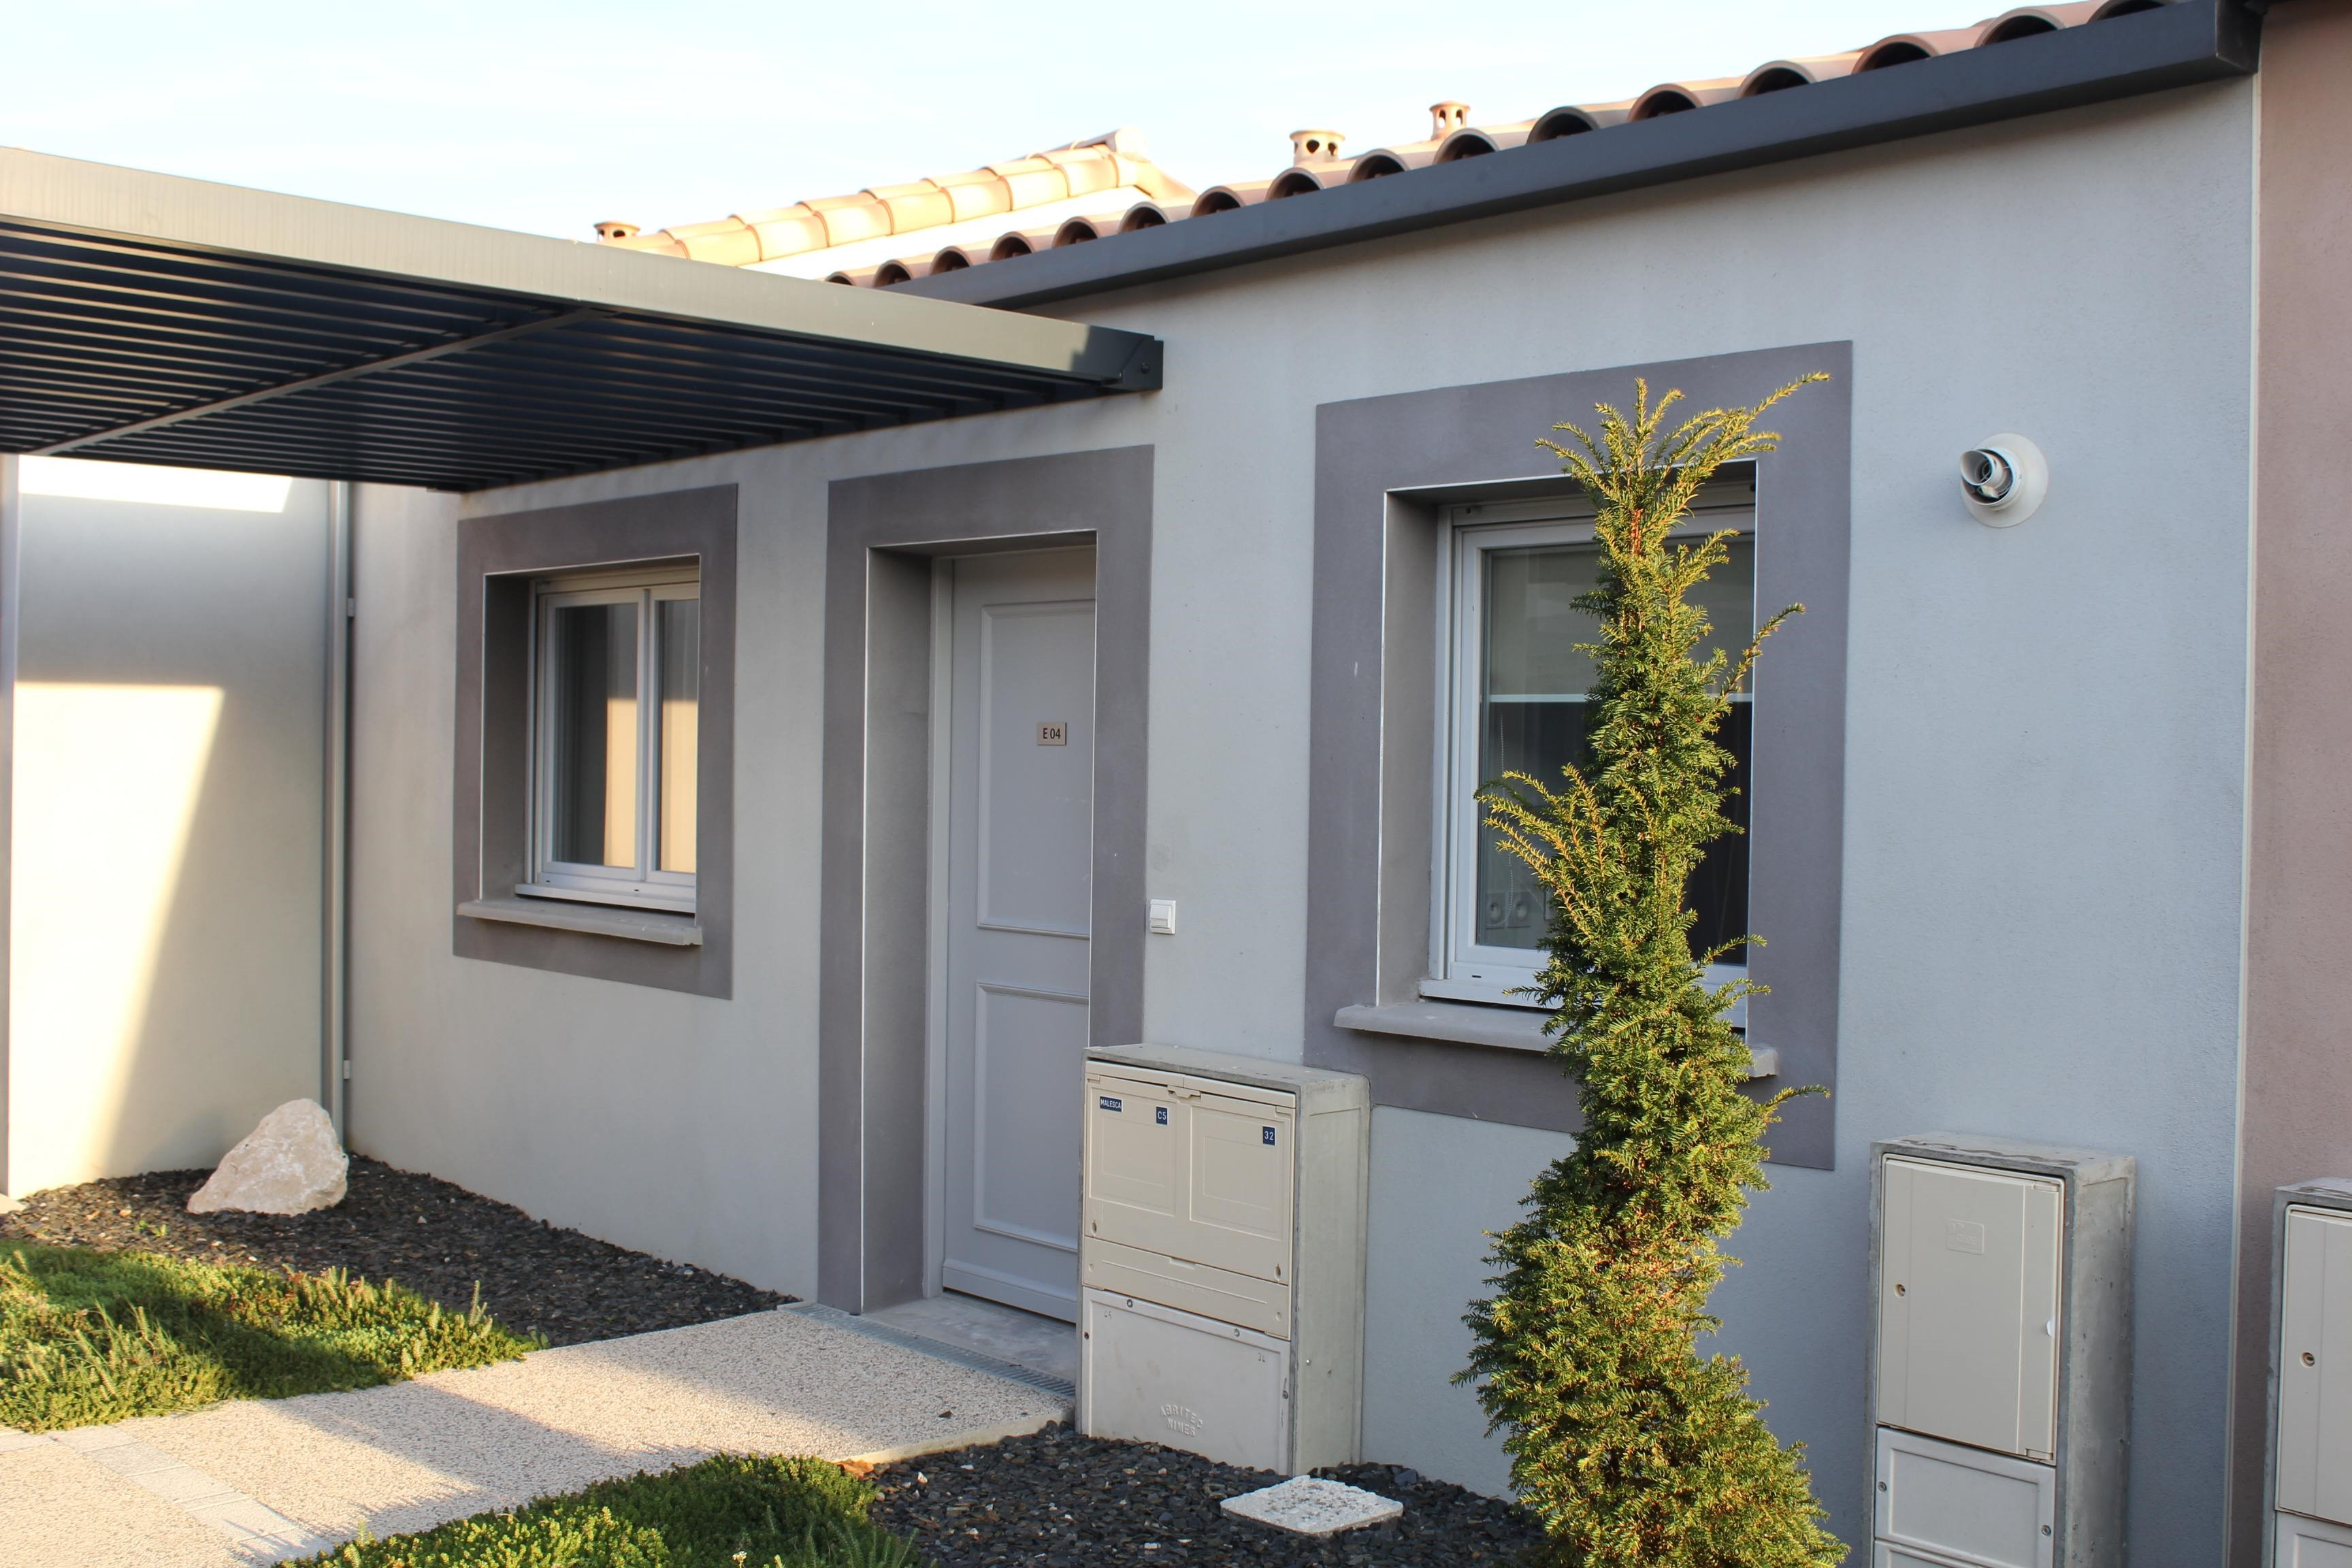 maison mdicalise pour personnes ages mulhouse fabulous photo hopital site duissenheim maison de. Black Bedroom Furniture Sets. Home Design Ideas